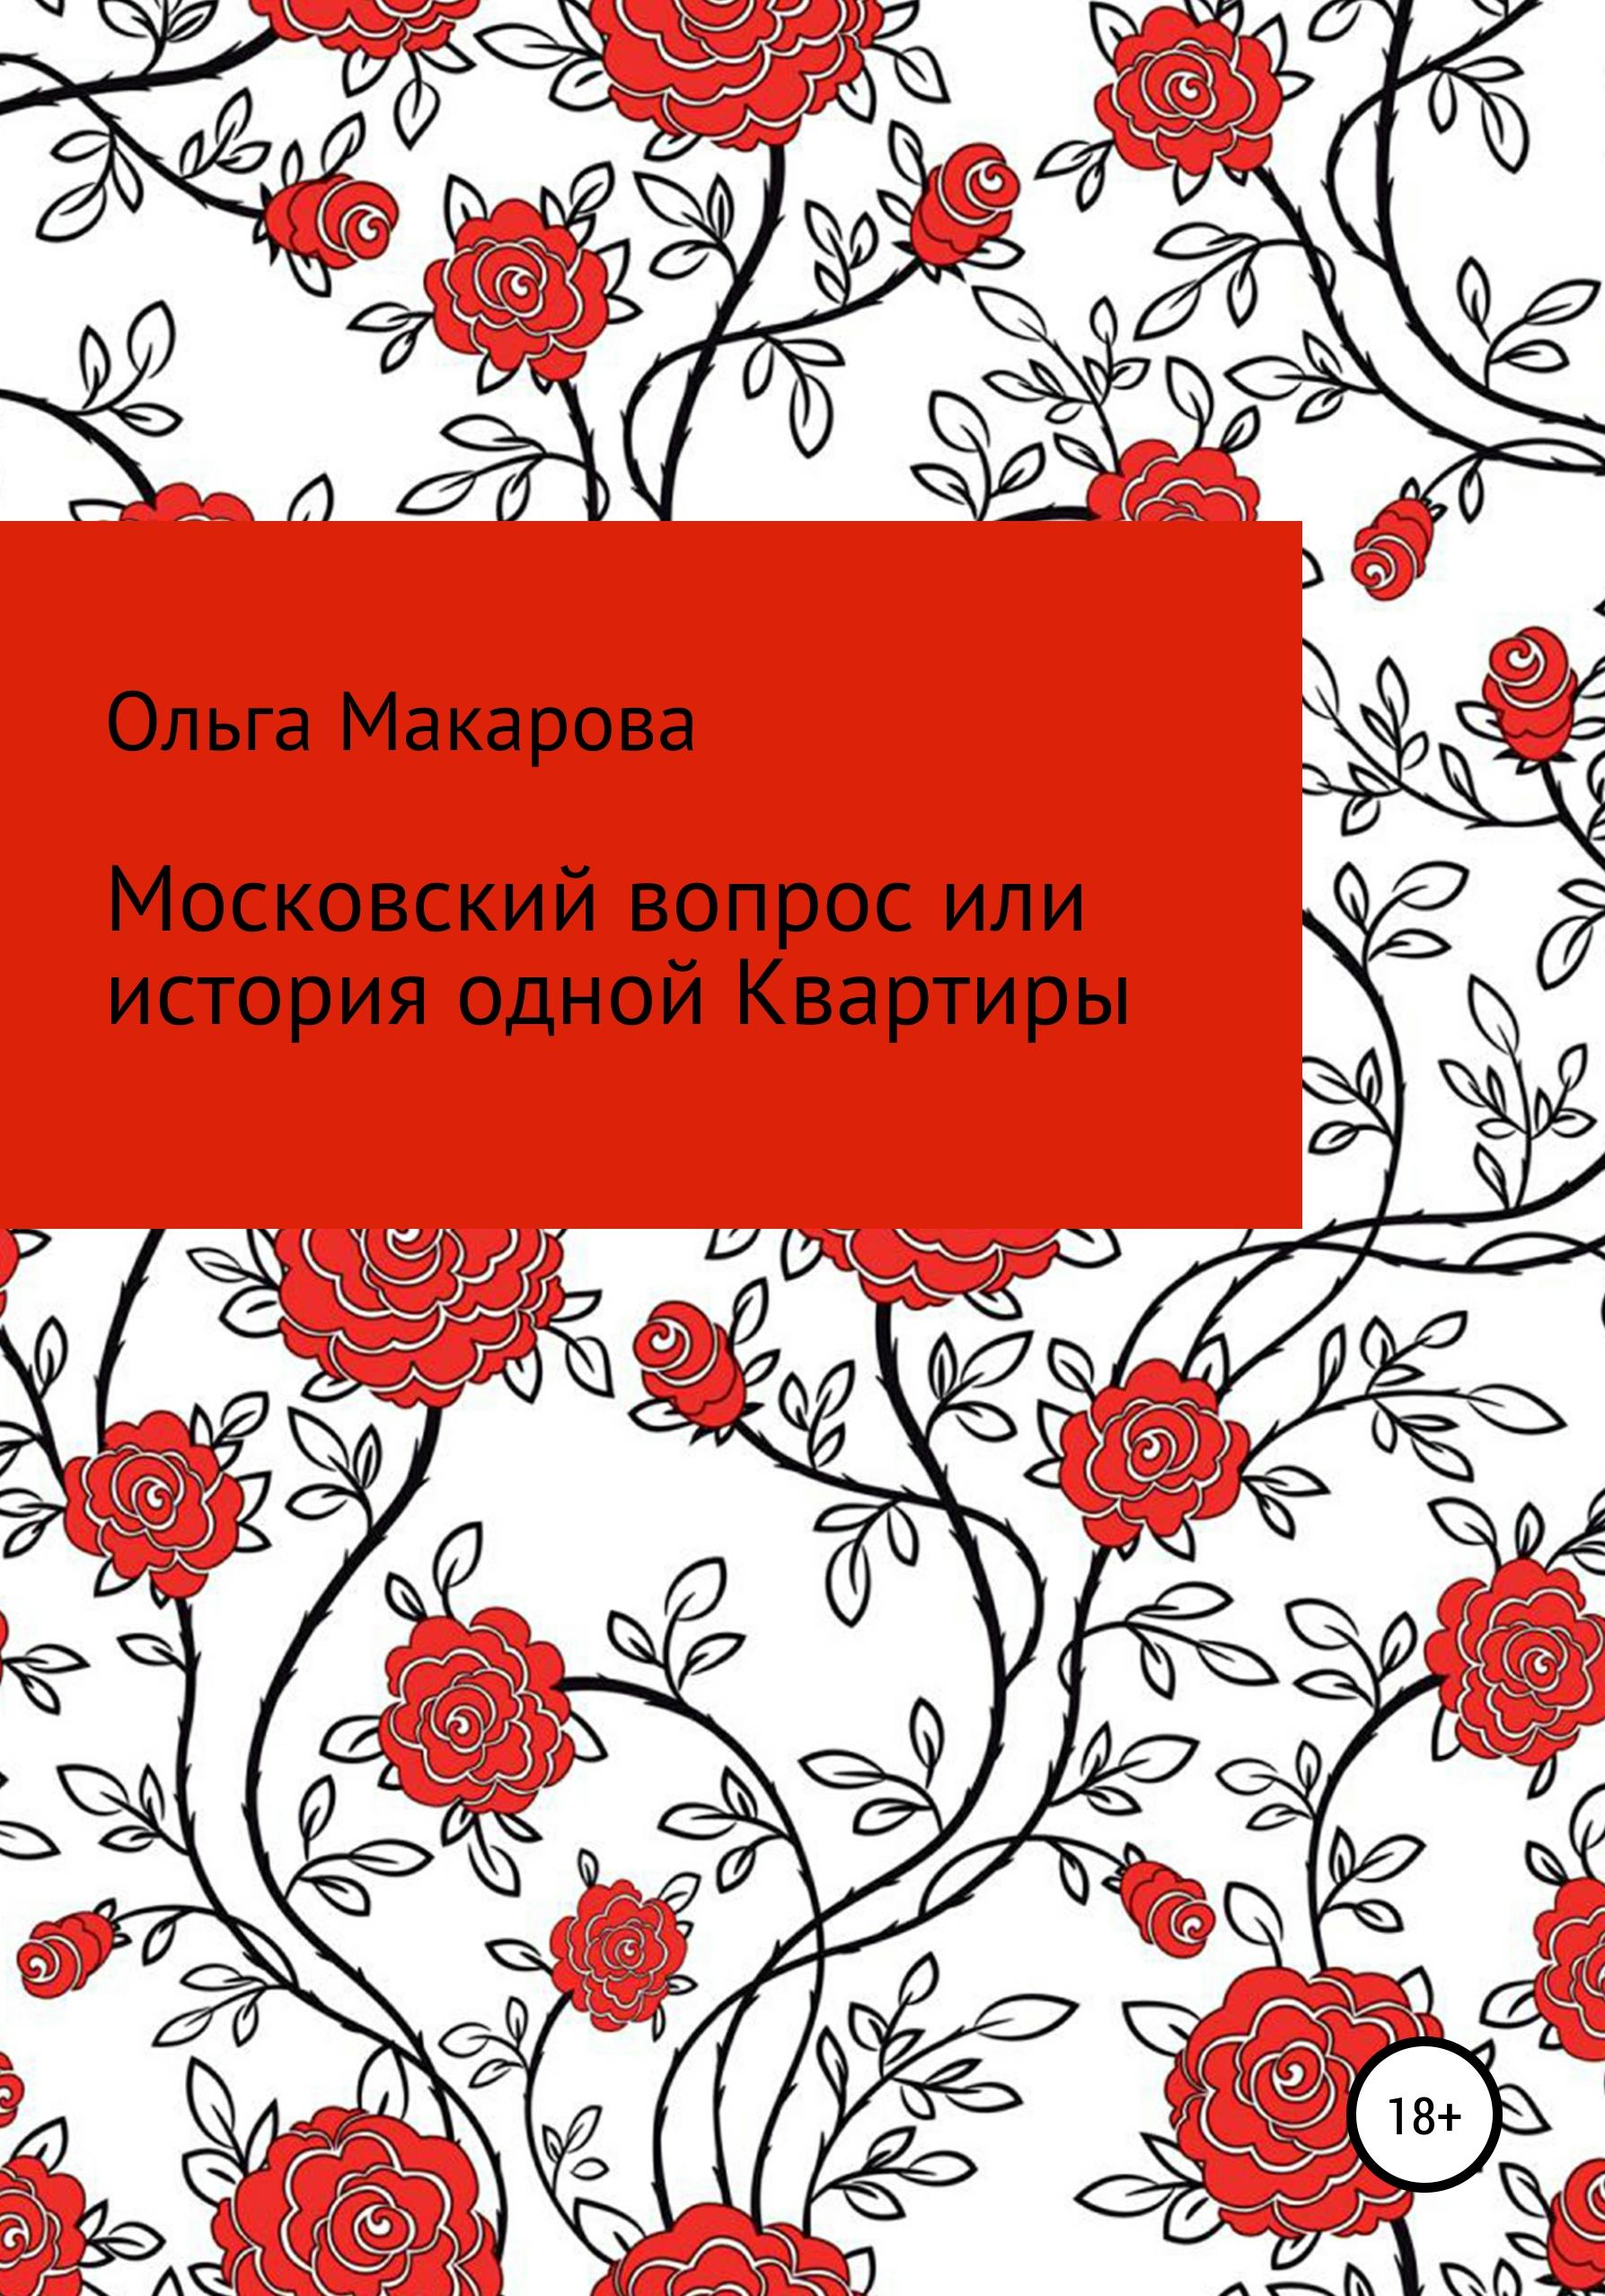 Ольга Дмитриевна Макарова Московский вопрос или история одной Квартиры